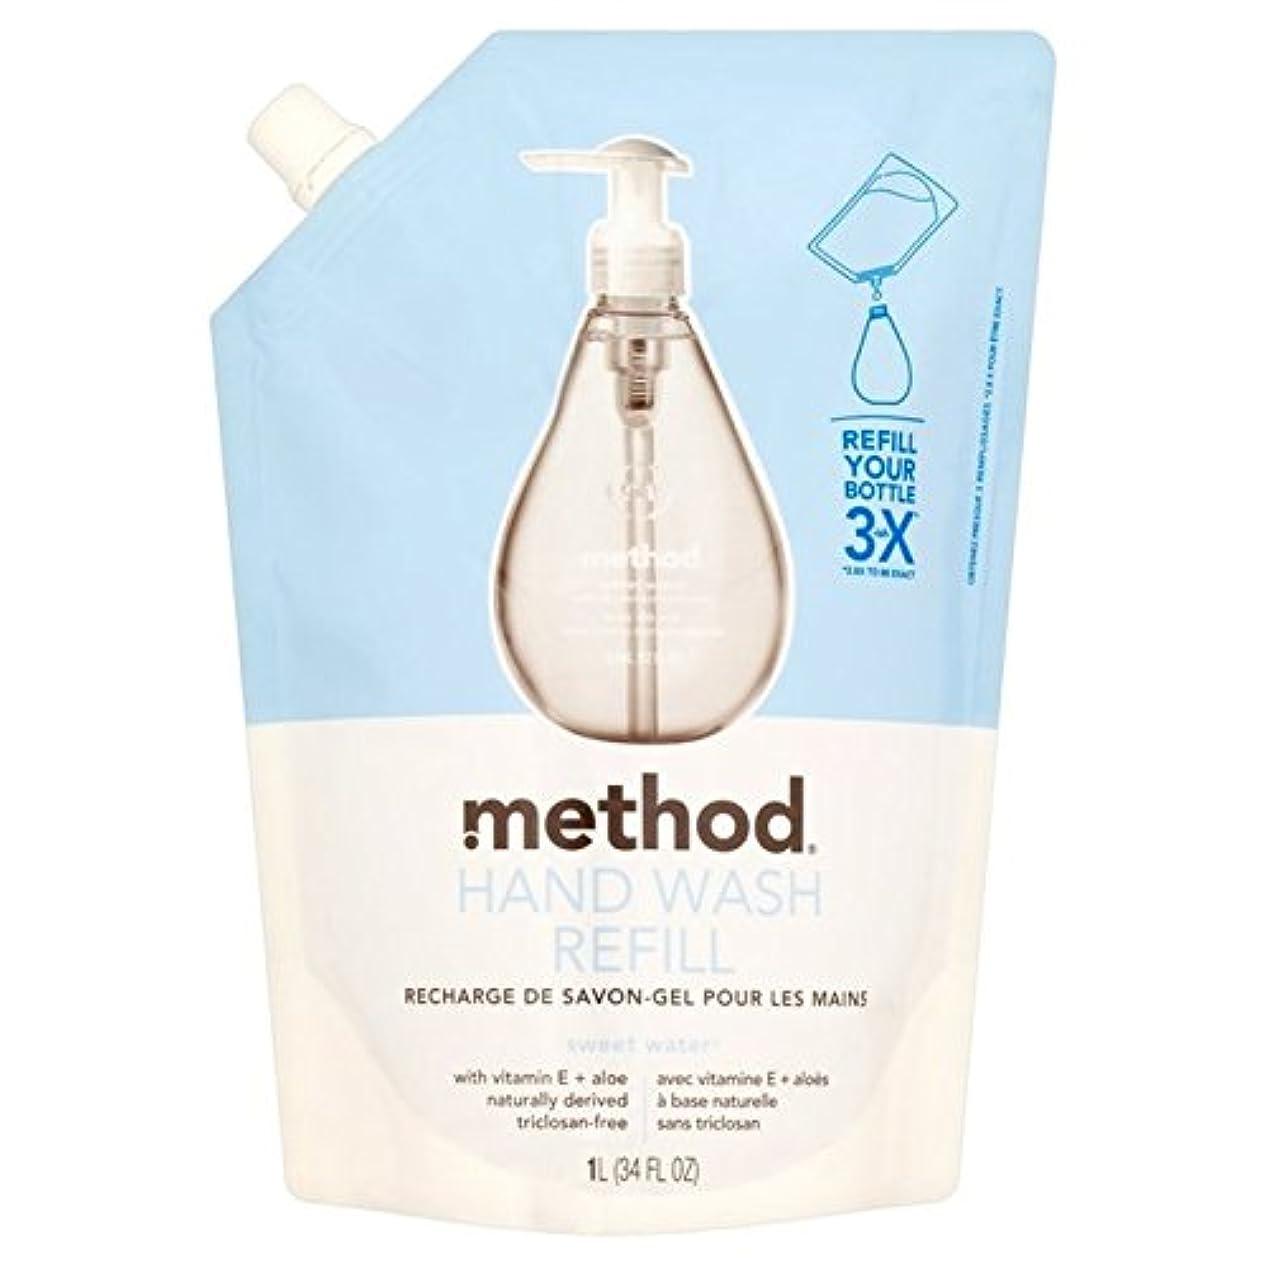 立法移民寛容なメソッドの甘い水のリファイルの手洗いの1リットル x4 - Method Sweet Water Refil Handwash 1L (Pack of 4) [並行輸入品]